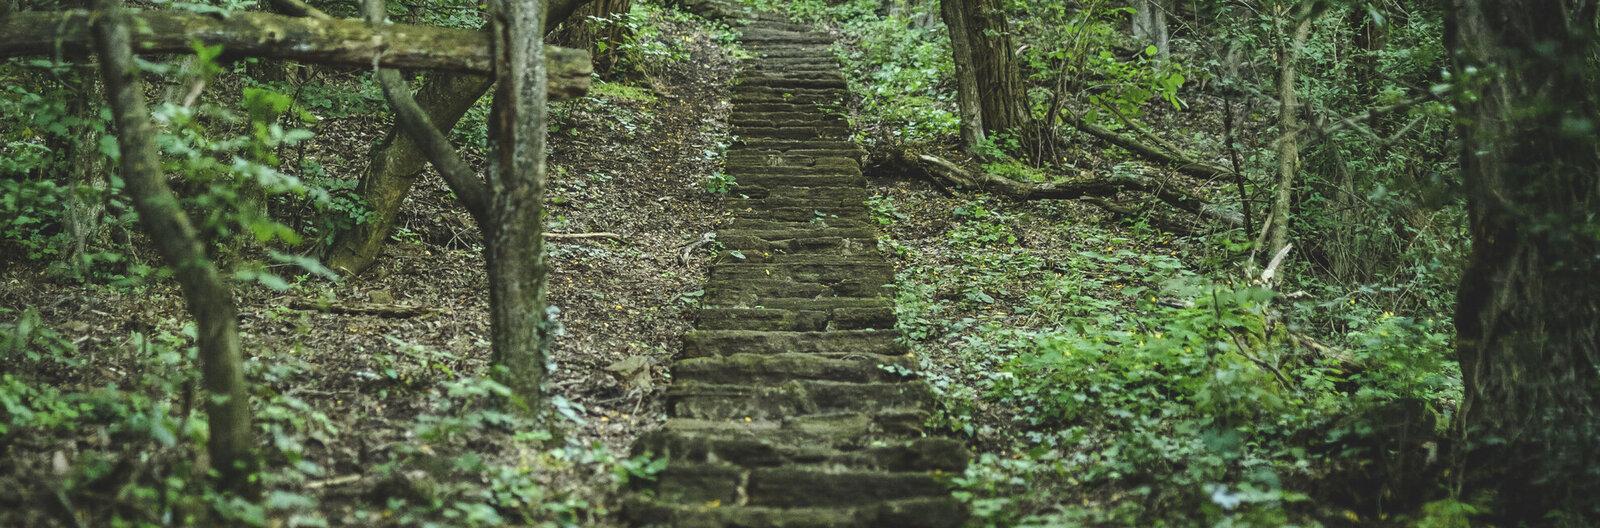 5 gyönyörű lépcsősor a Balatonnál, amit bármikor megmásznánk